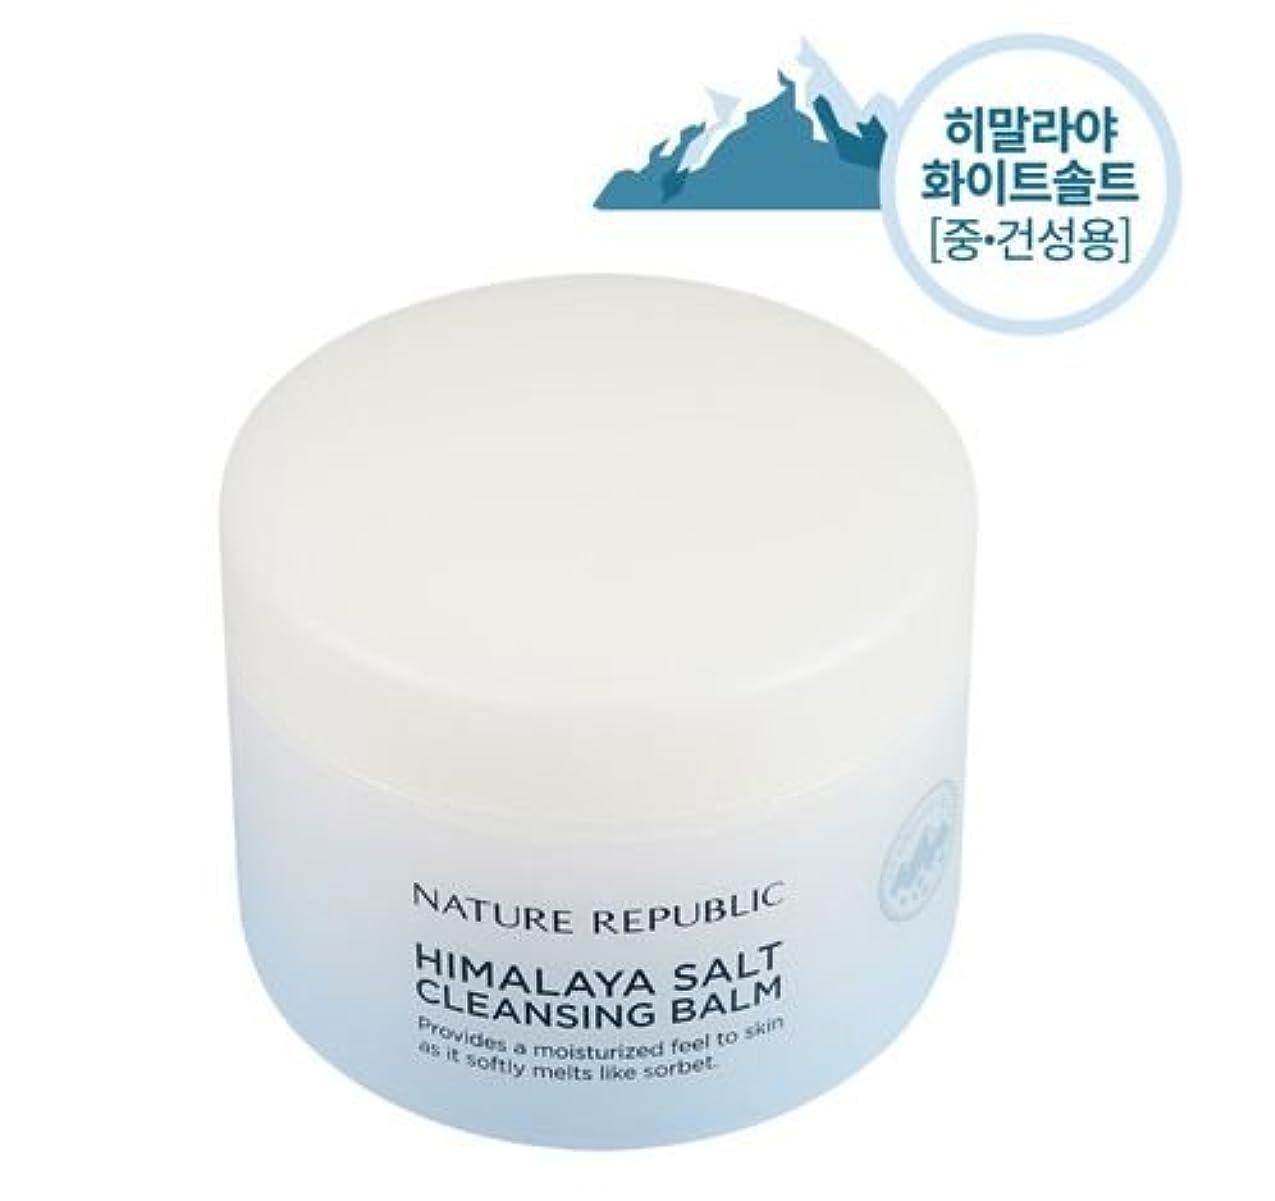 囲む直立六分儀NATURE REPUBLIC Himalaya salt cleansing balm (white salt)ヒマラヤソルトクレンジングバーム(white salt) [並行輸入品]